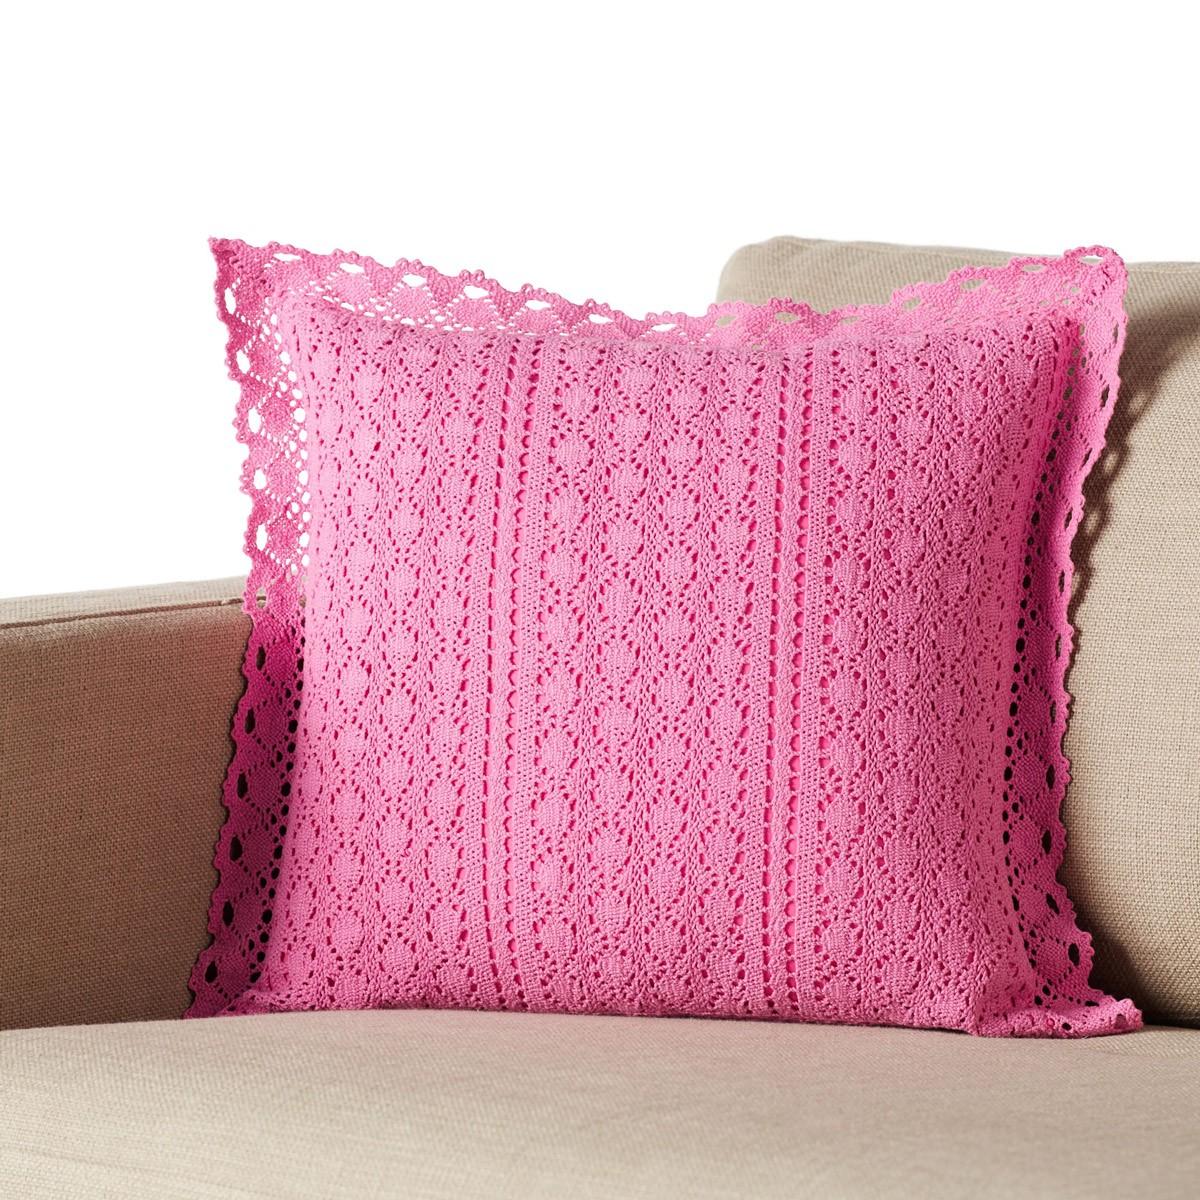 Διακοσμητική Μαξιλαροθήκη Gofis Home Crochet Pink 019/17